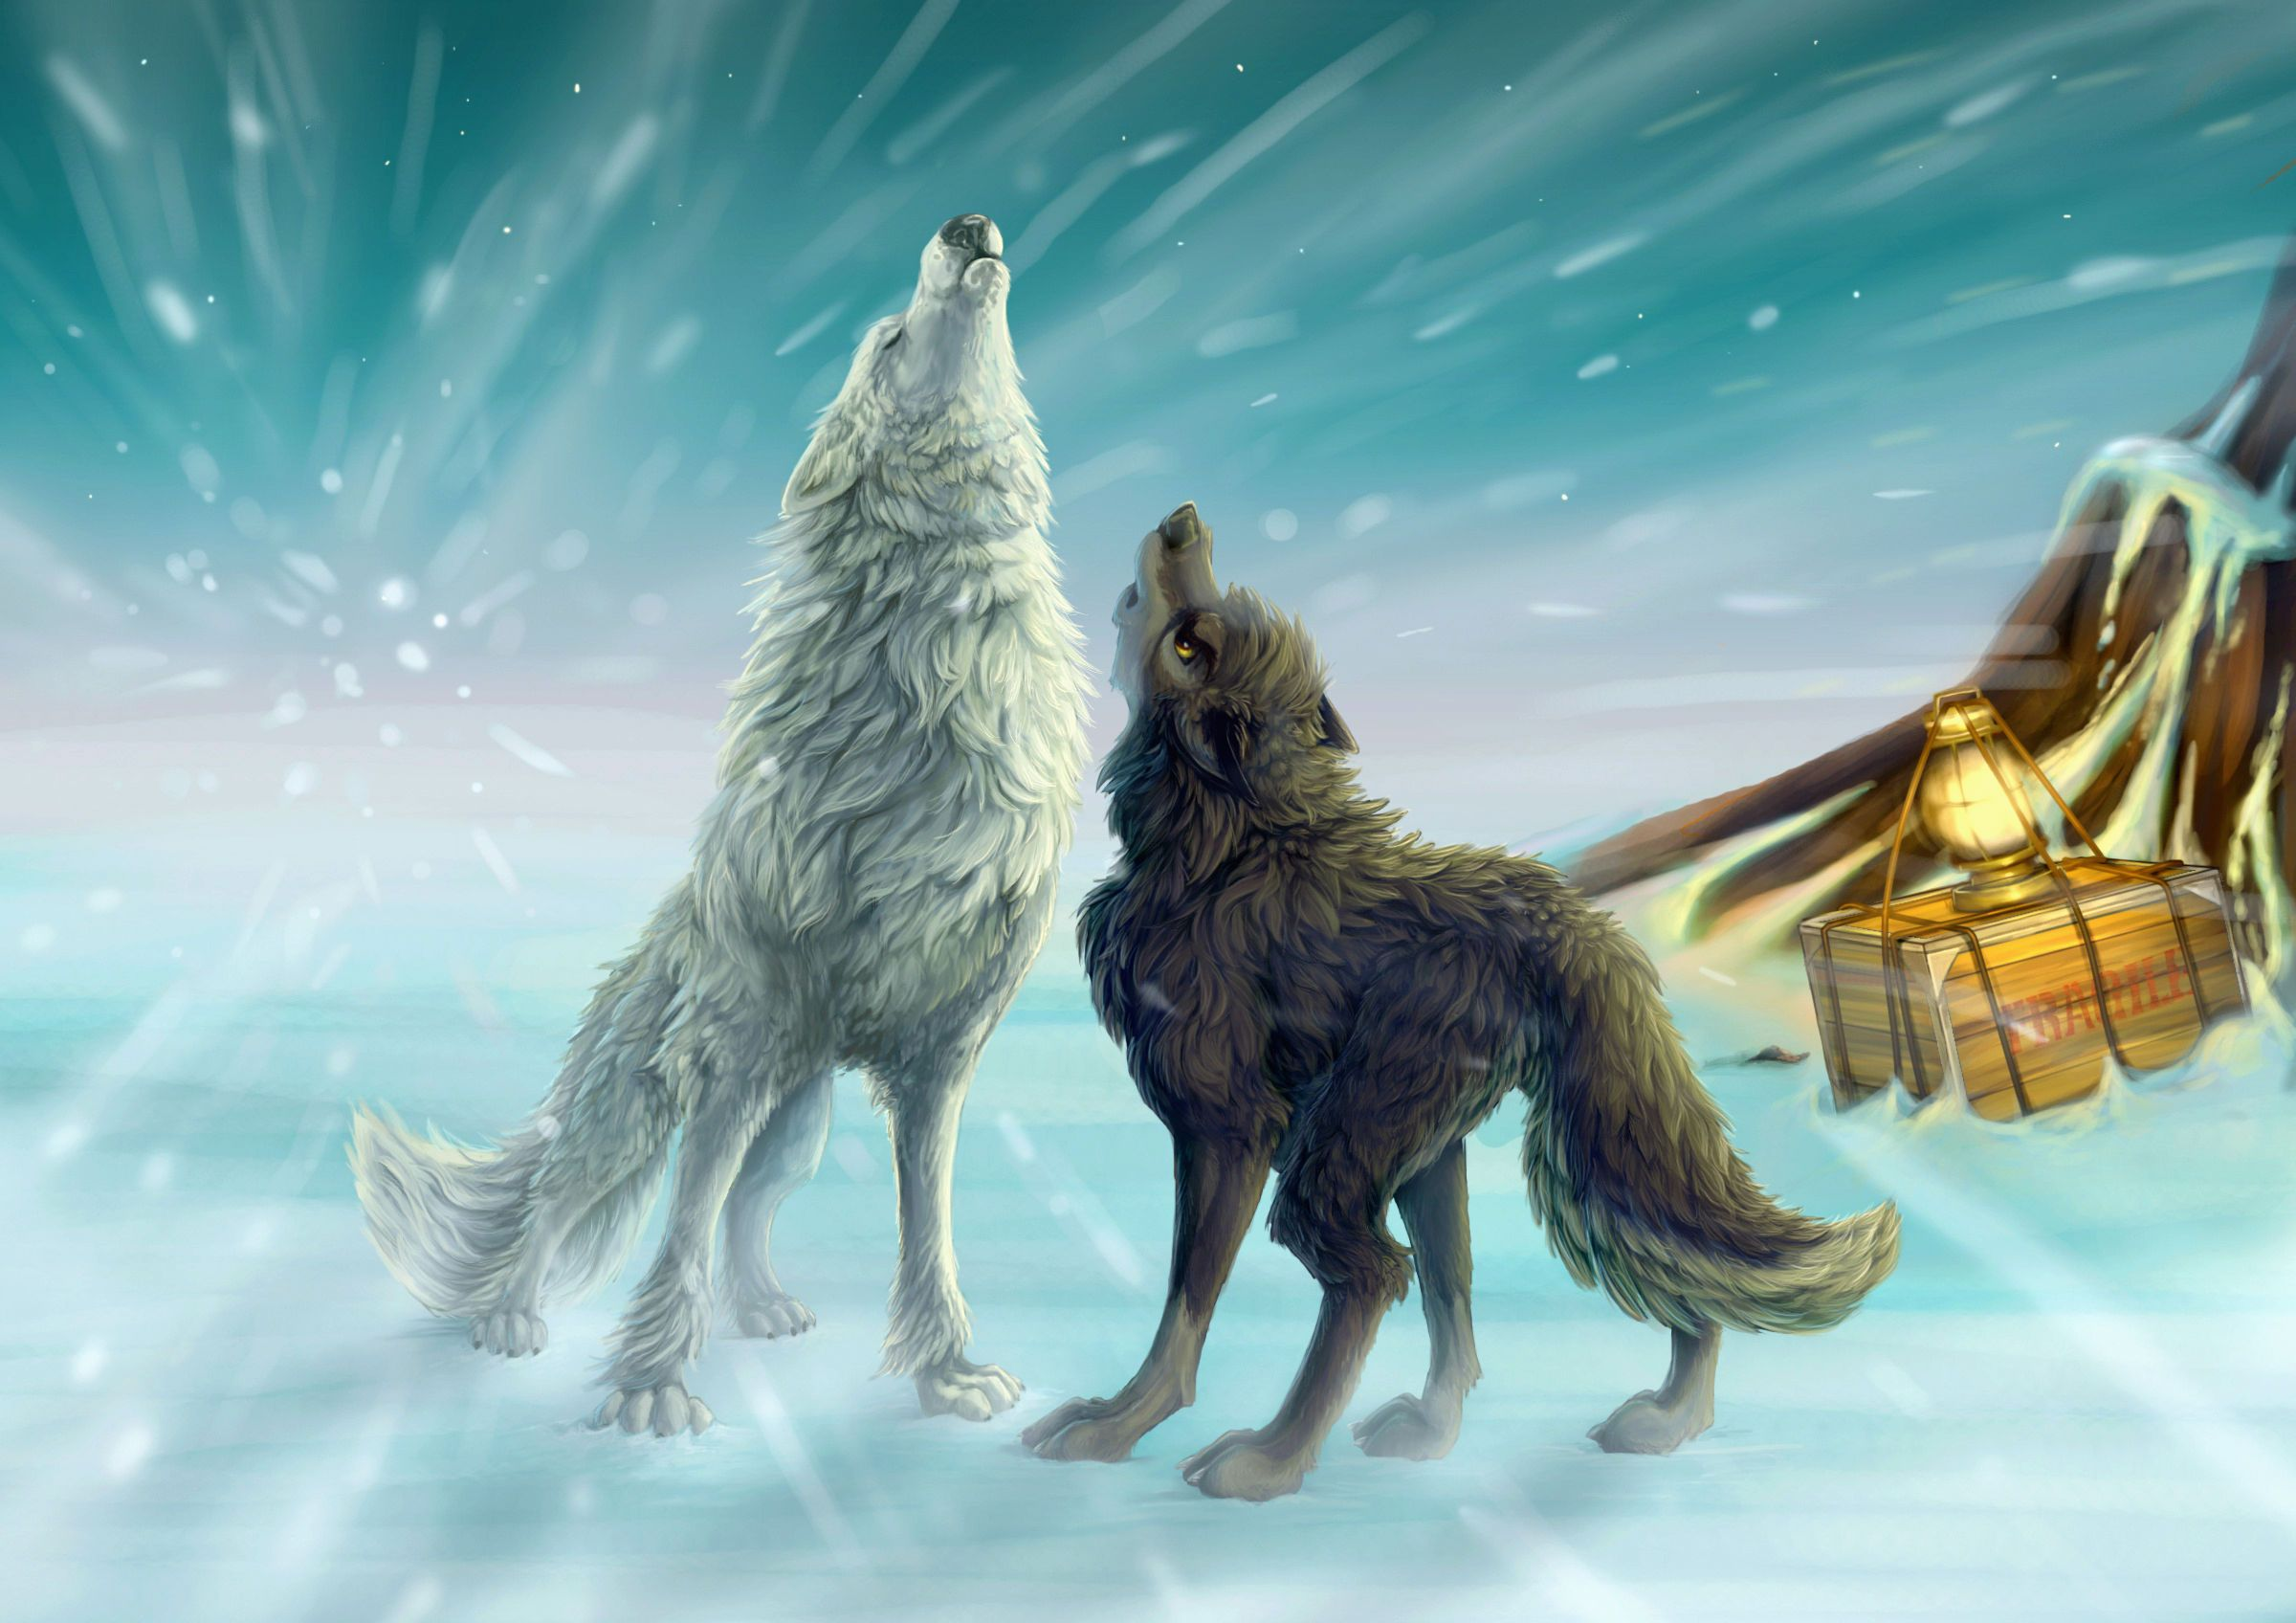 Fantastic Wallpaper Horse Wolf - a5ae99a6a606f7d2db3a71d8634b01eb  Snapshot_7862100.jpg